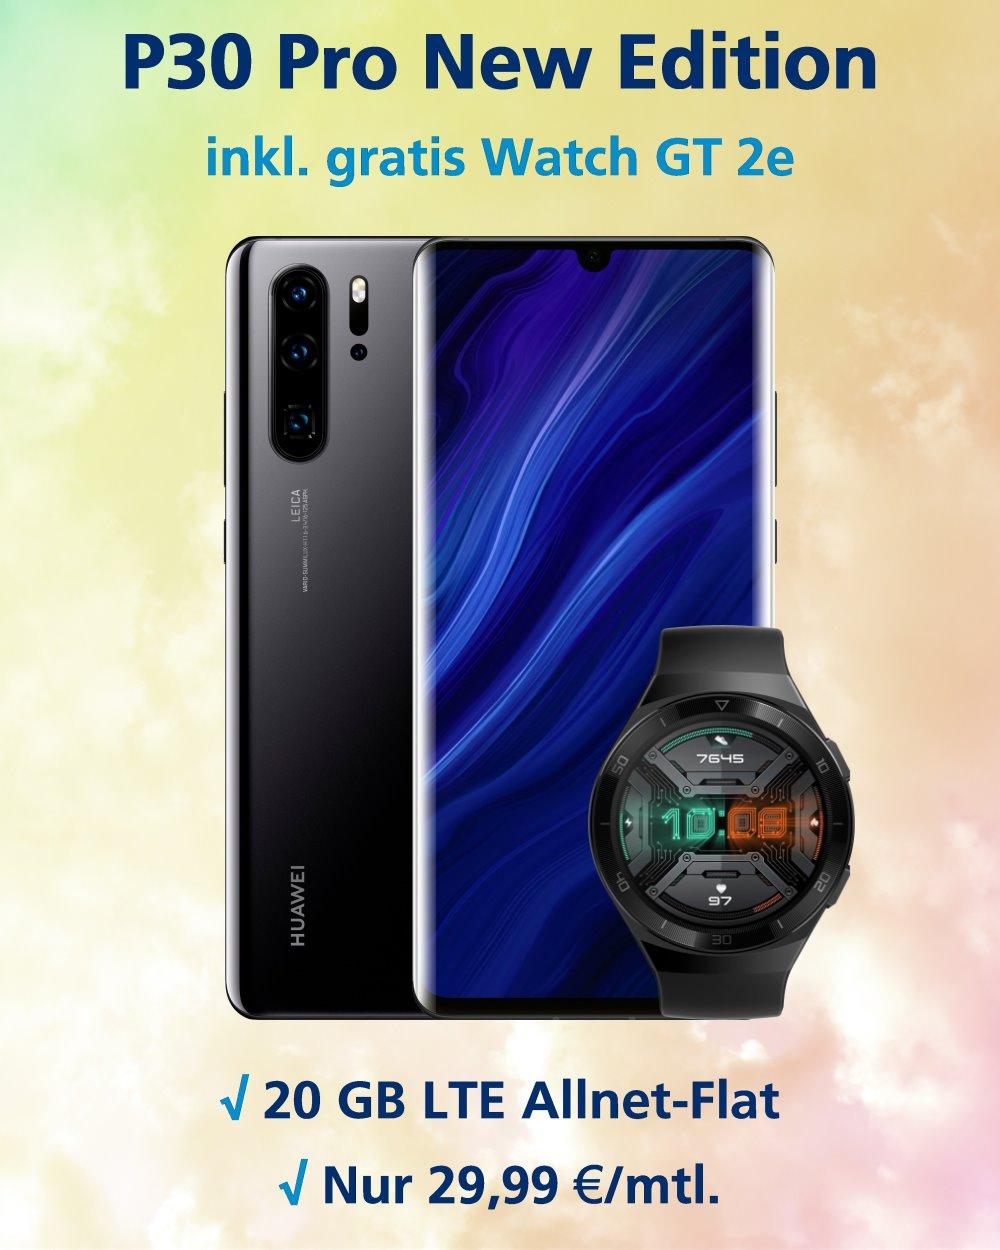 P30 Pro New Edition Handyvertrag mit Huawei Watch GT 2e und 20 GB LTE zum Tiefstpreis